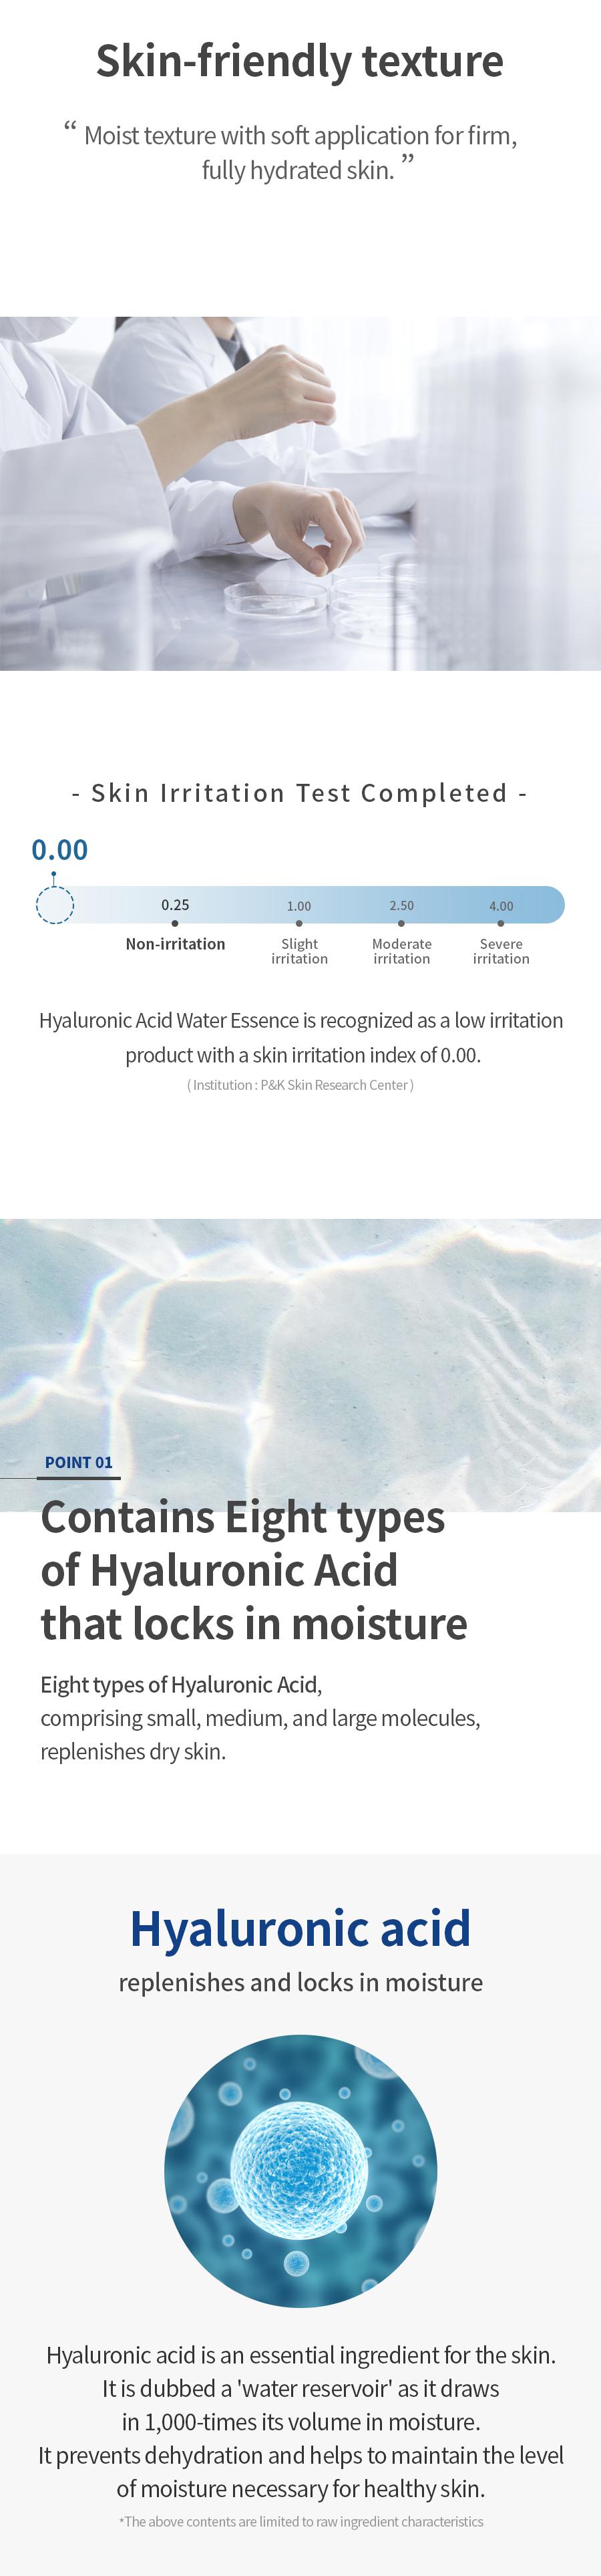 hyaluronicacidwateressence-en-03.jpg